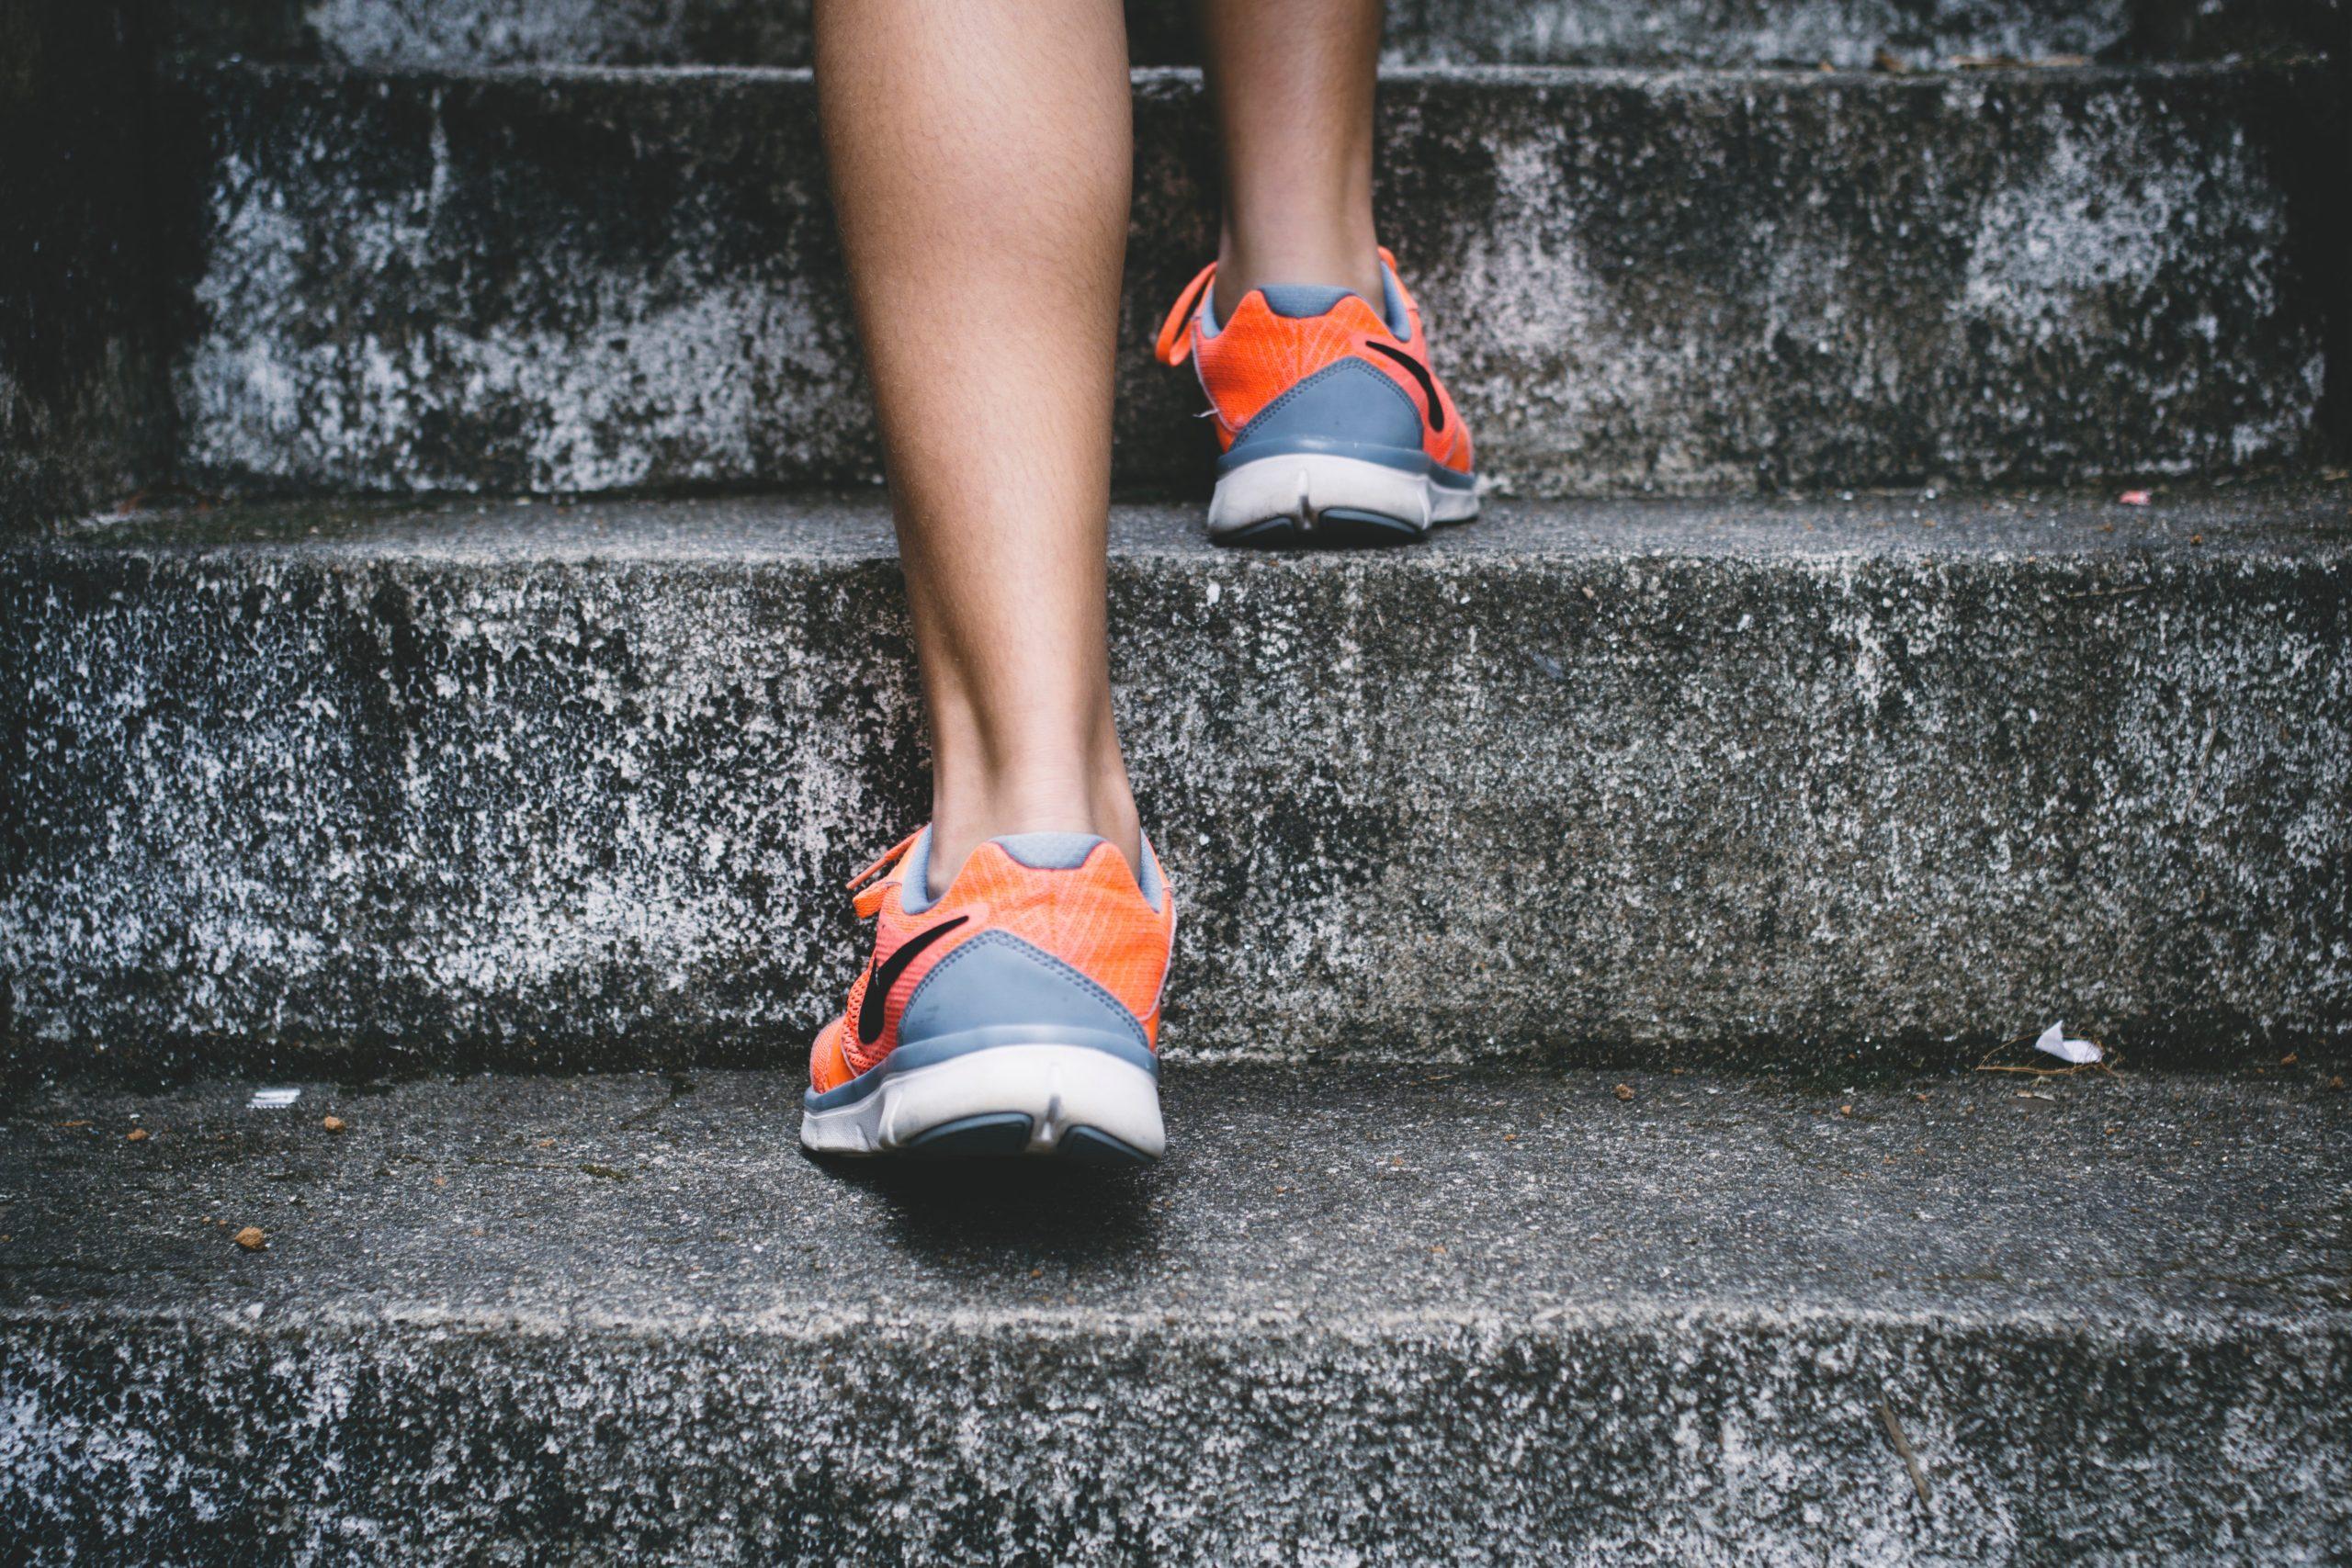 痩せやすい体作り!40代は基礎代謝を上げるのがダイエット成功のコツ